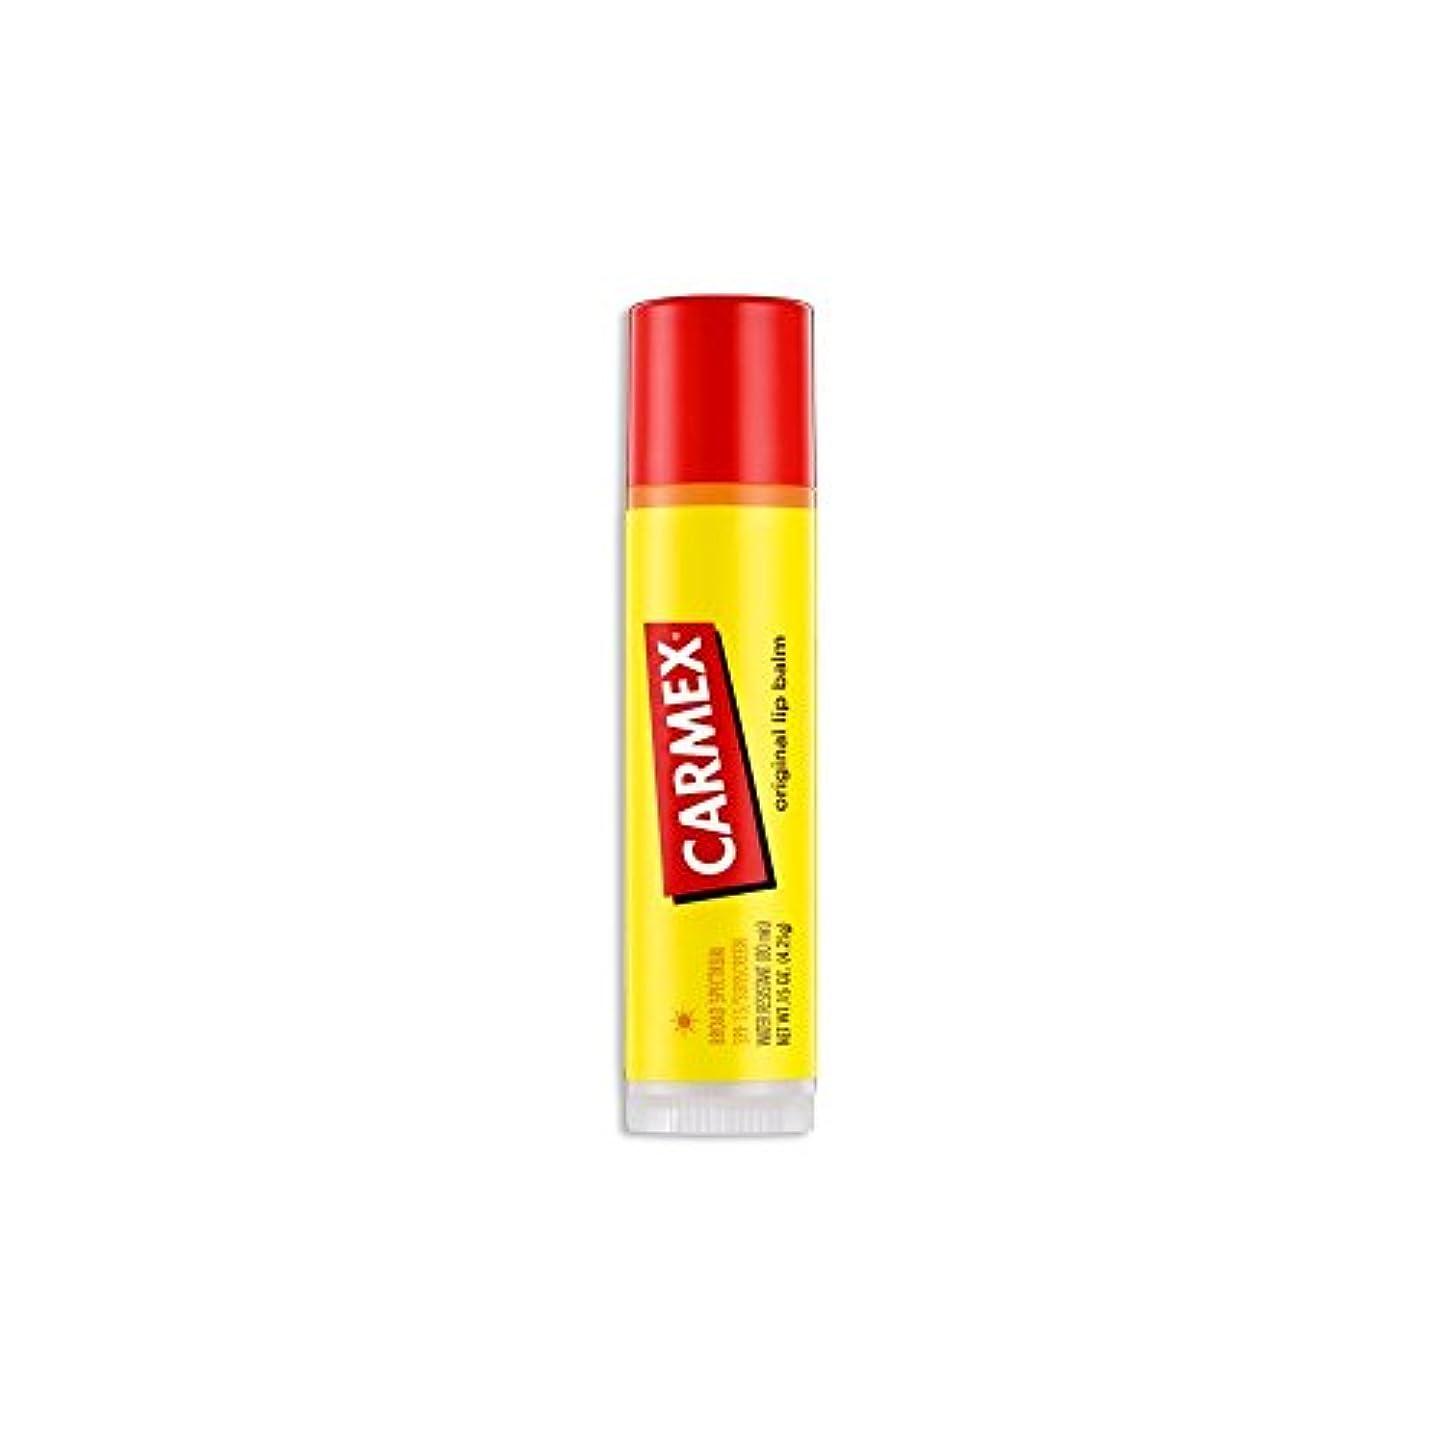 ディプロマ革命空中(3 Pack) CARMEX Original Flavor Sticks Original (並行輸入品)